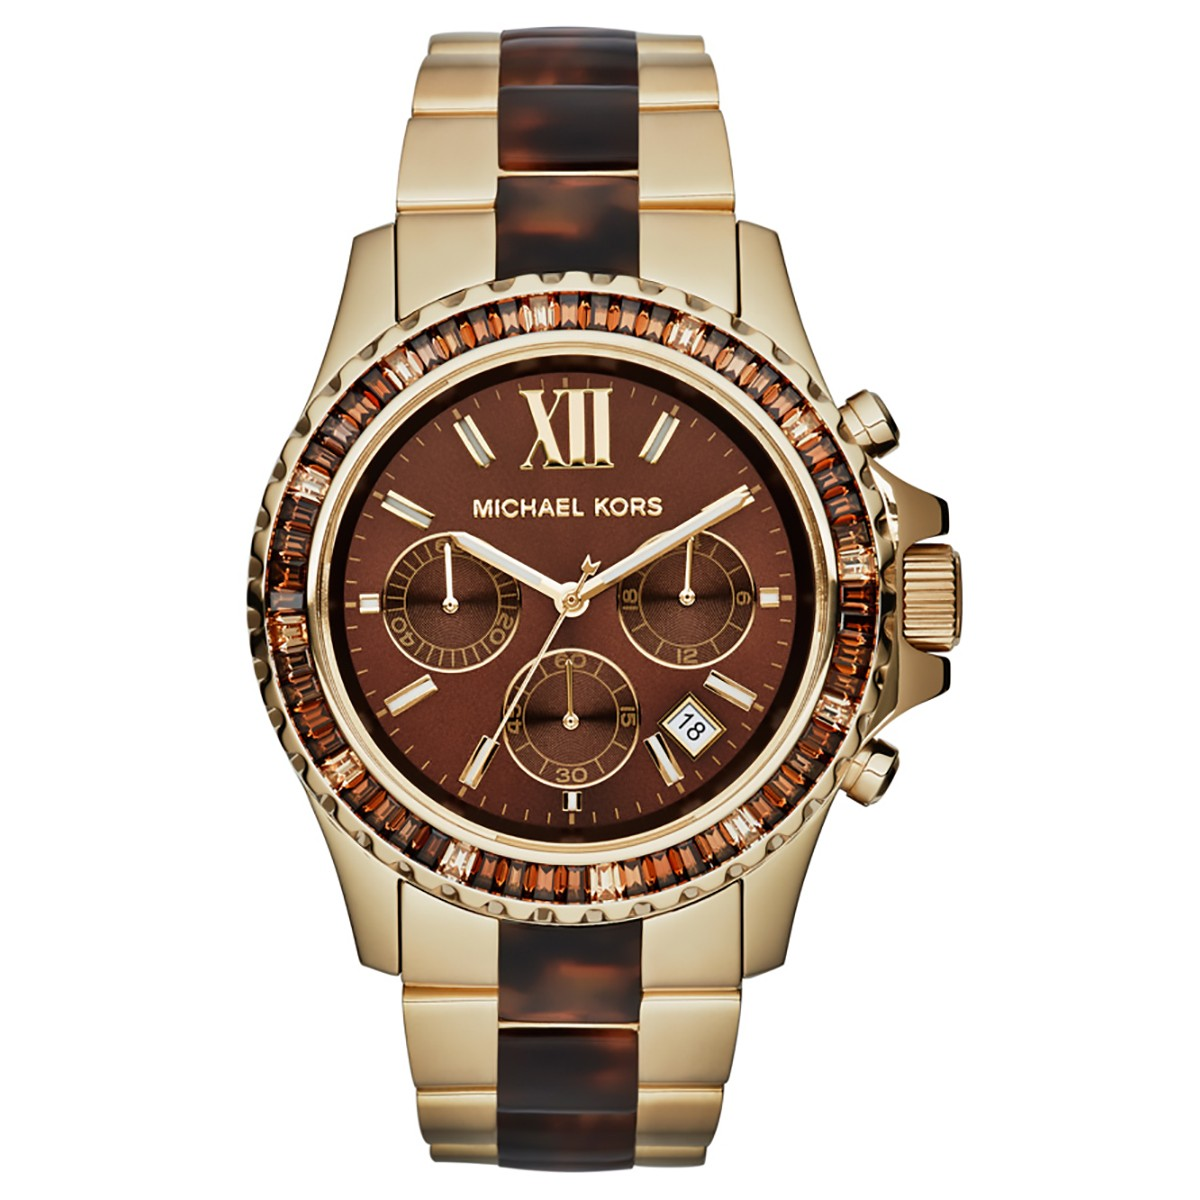 fdee6095106 Relógio Feminino Analógico Michael Kors MK5873